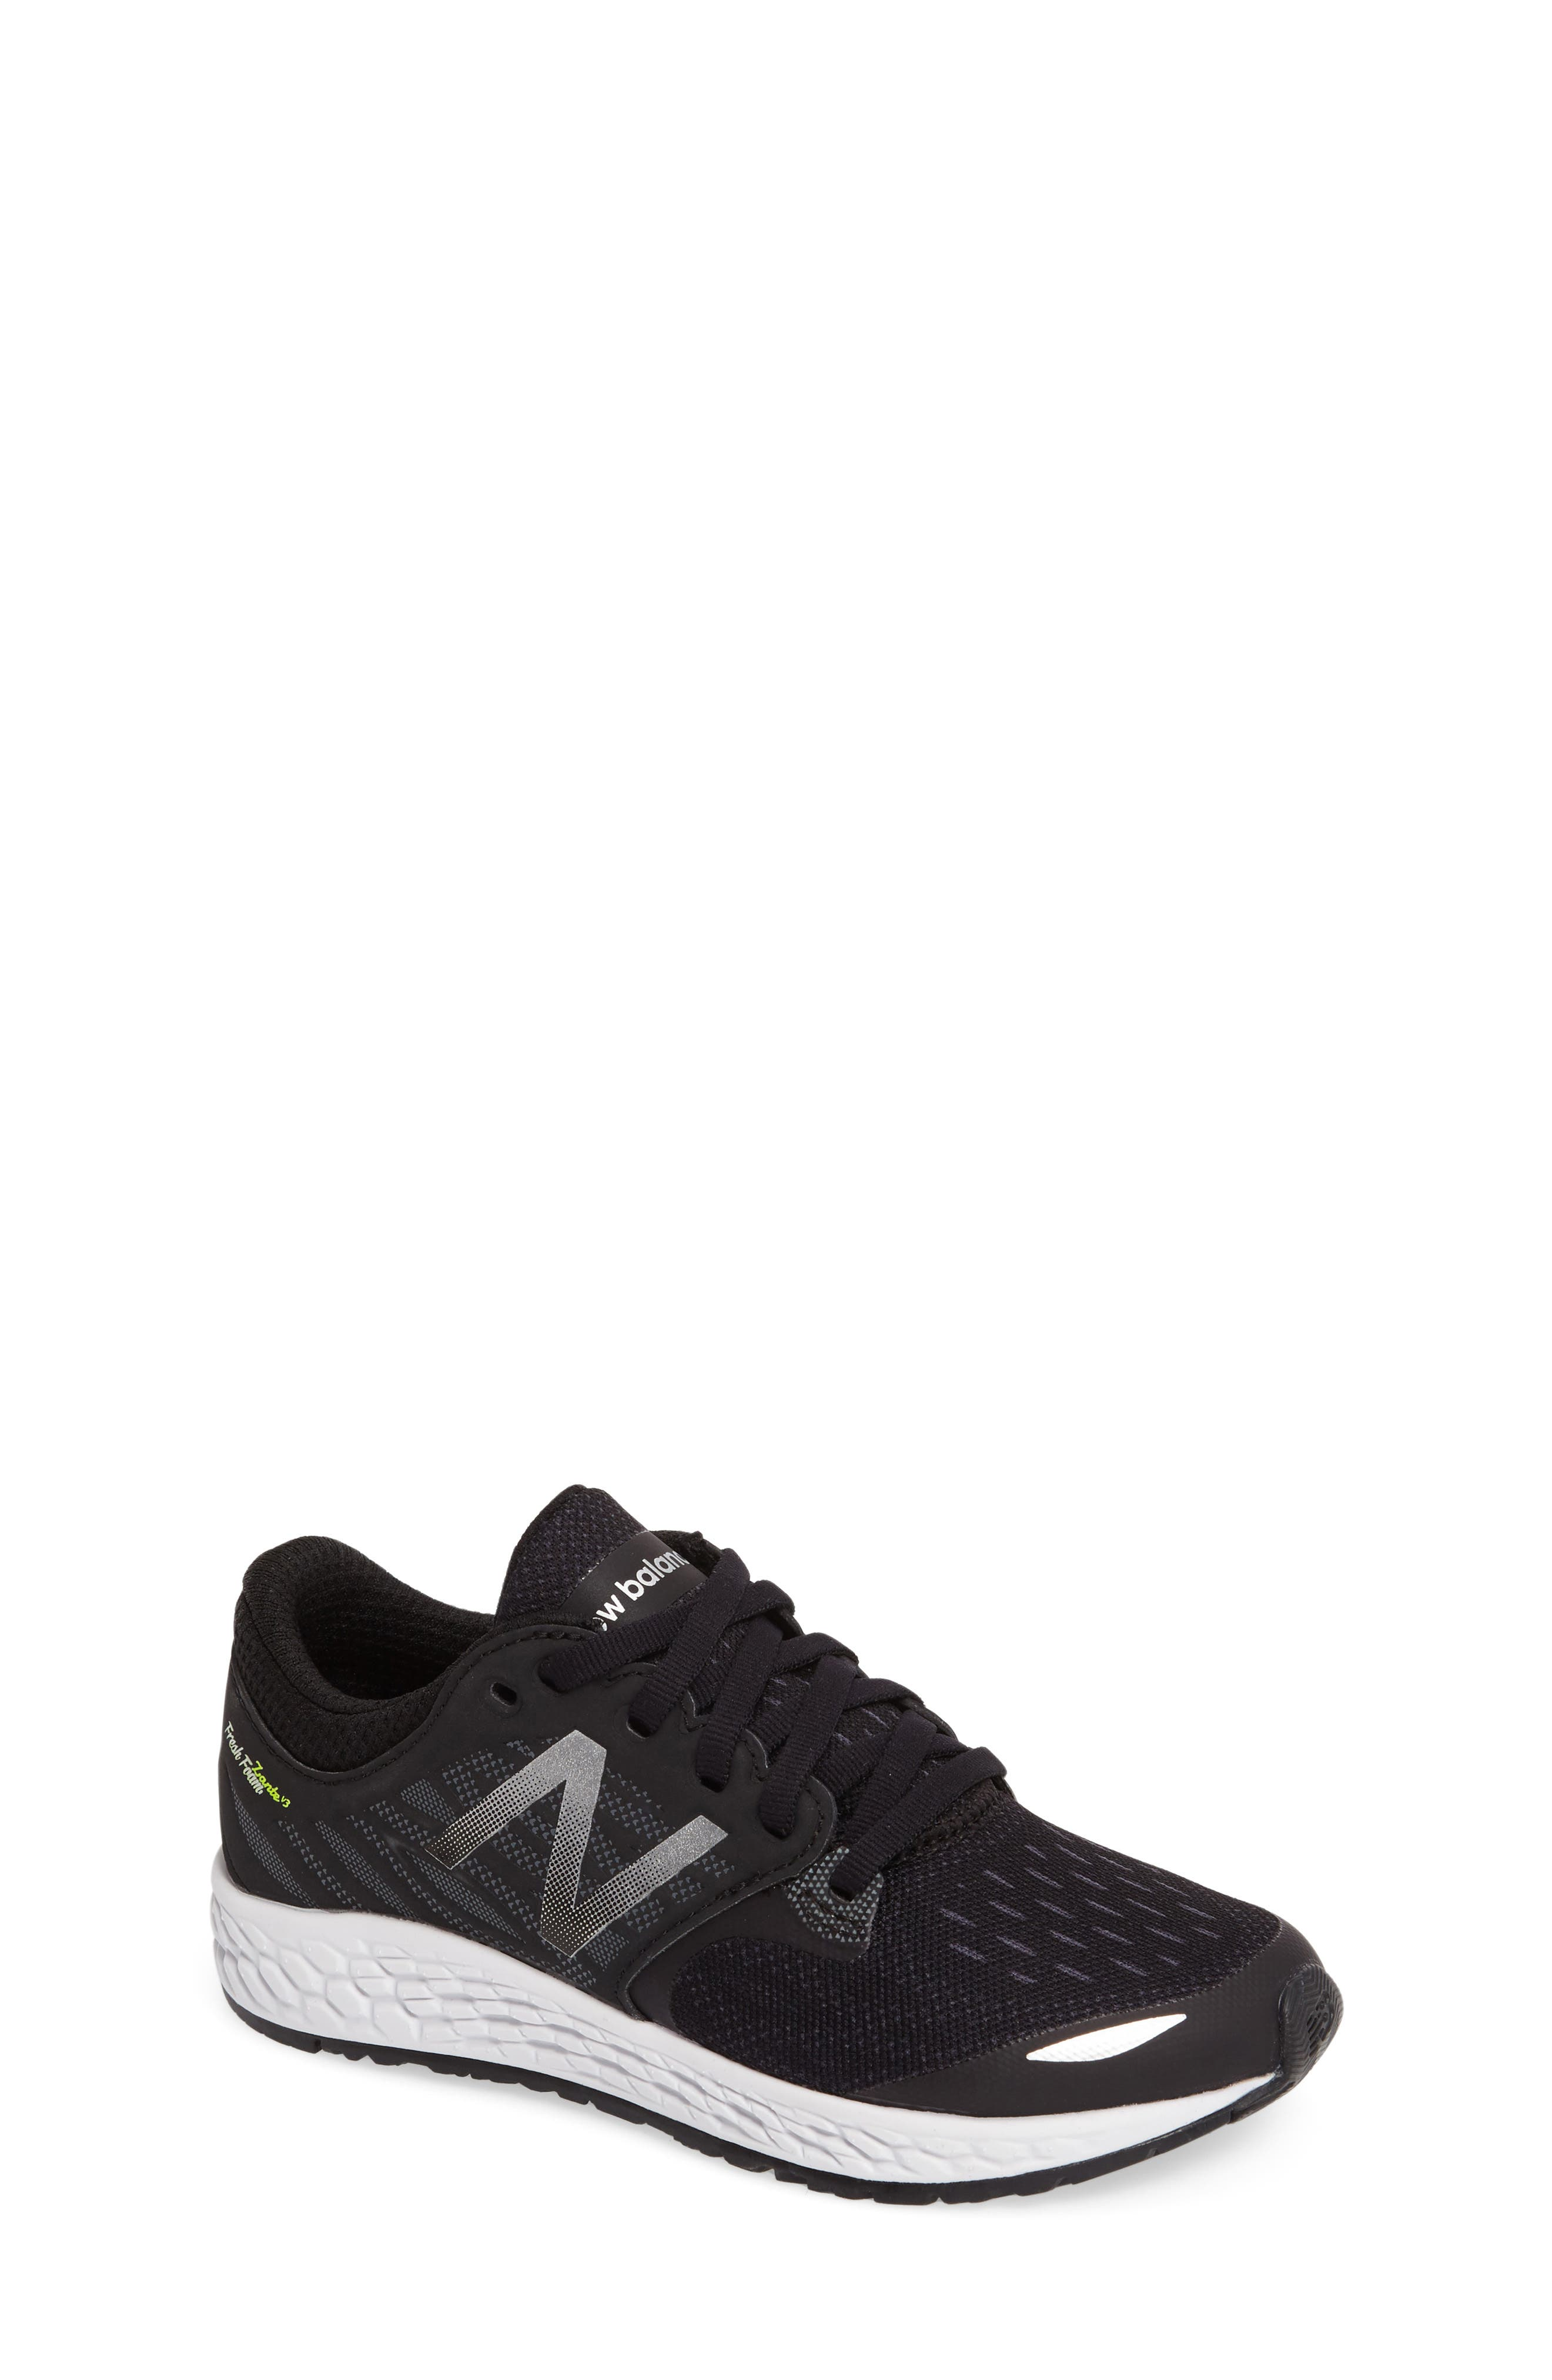 Fresh Foam Sneaker,                         Main,                         color, 001